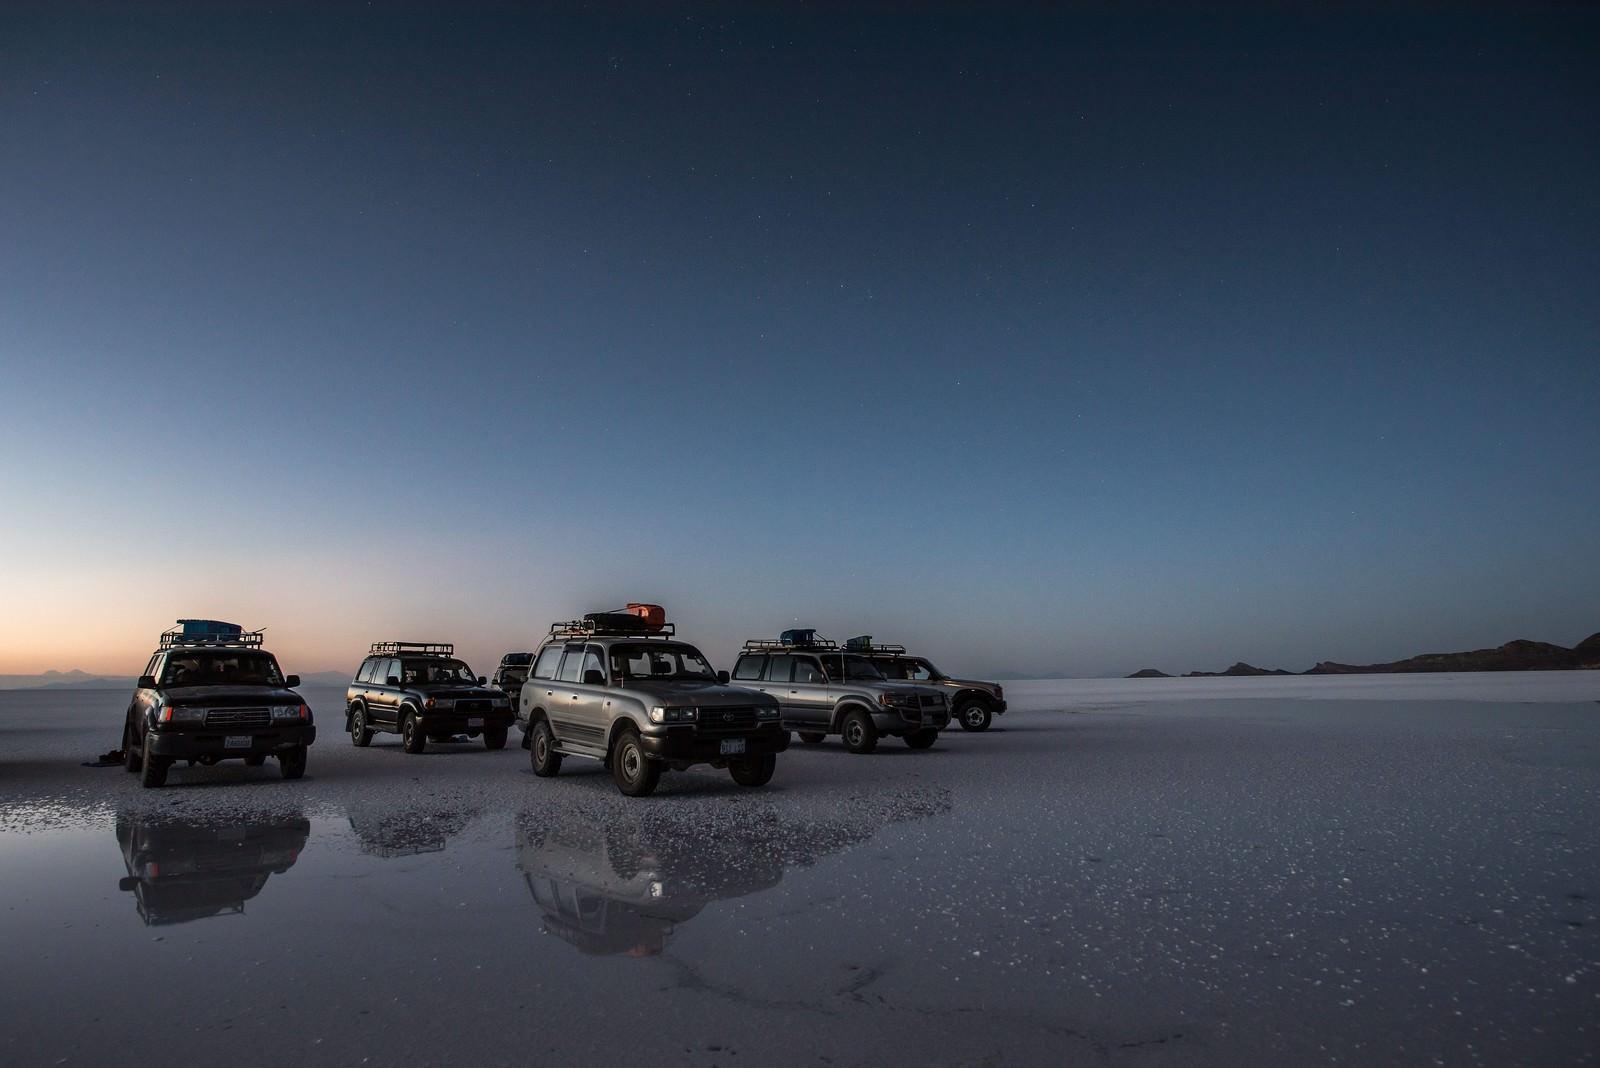 「ウユニ塩湖で観光客が使う車」の写真